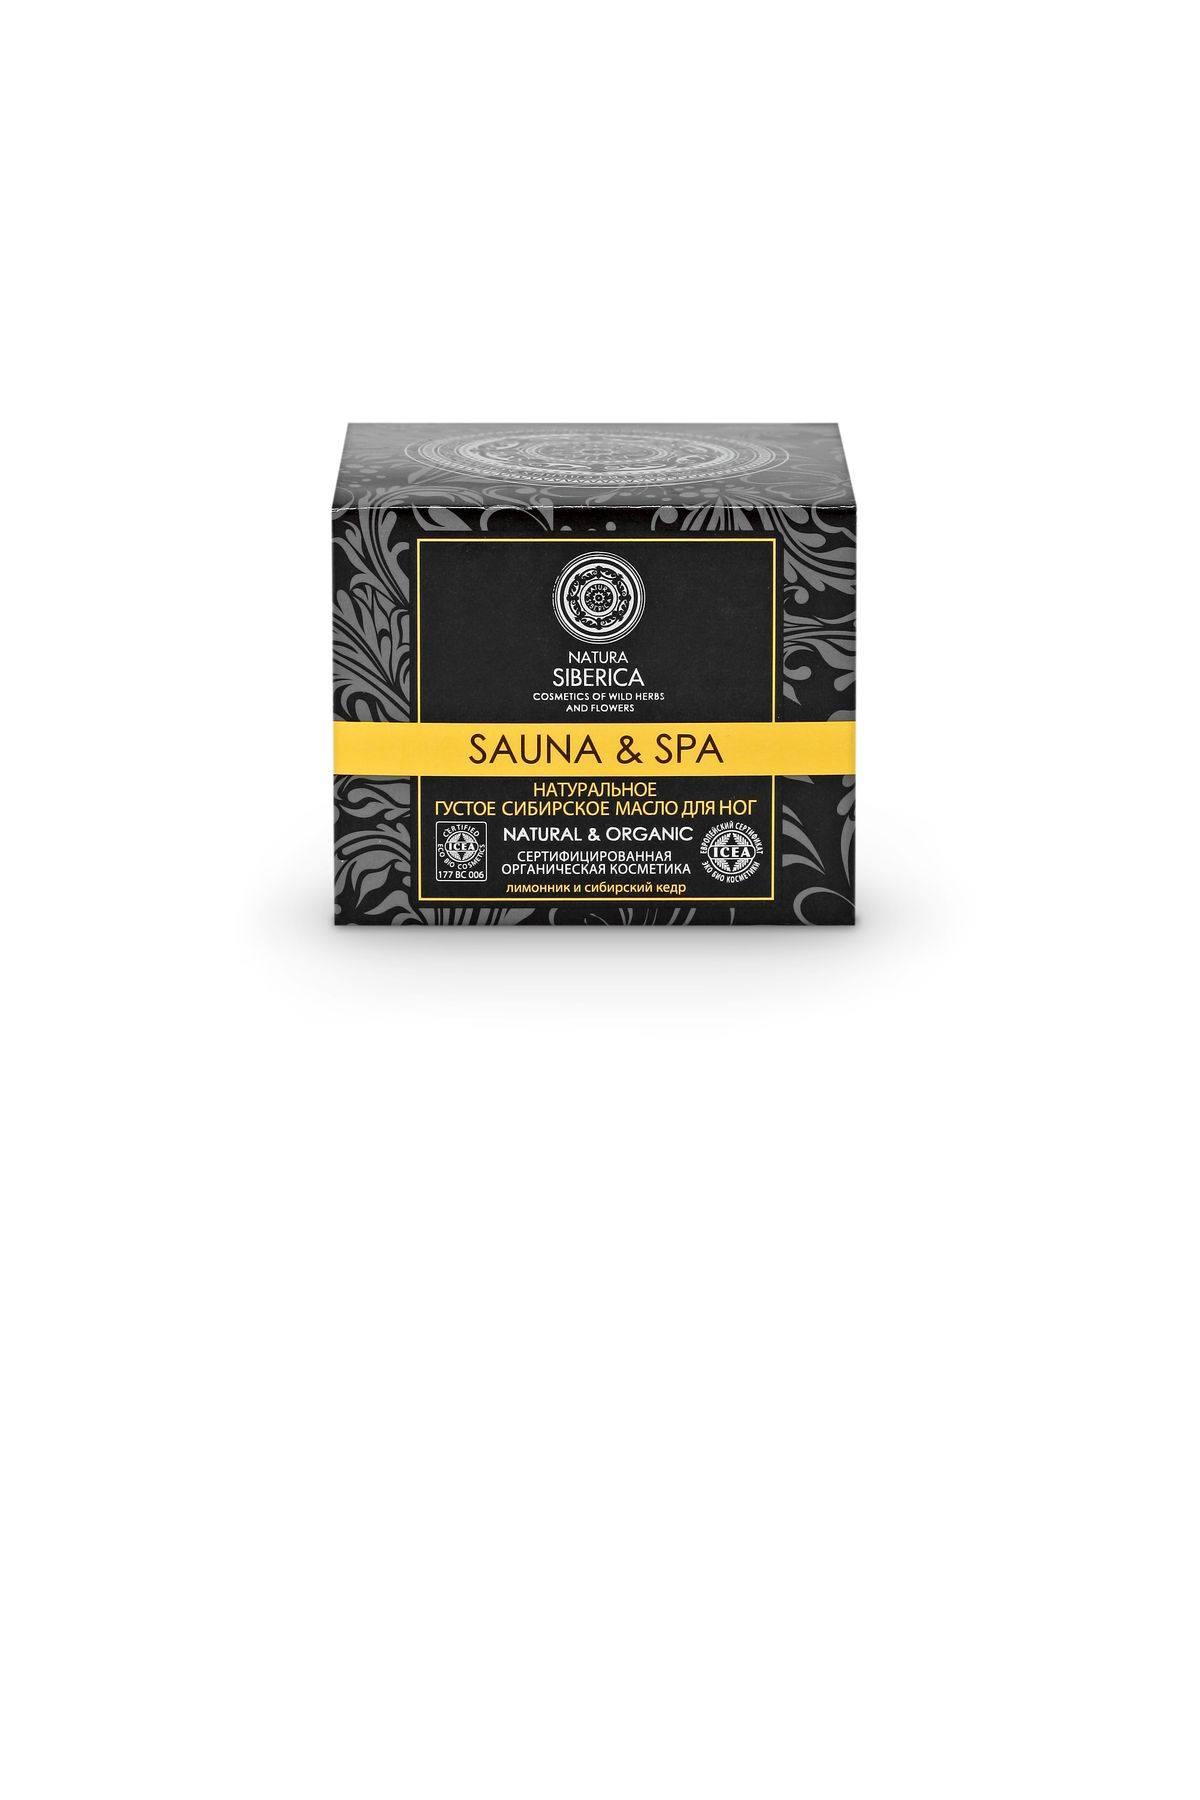 Купить NATURA SIBERICA Sauna&Spa Густое масло для ног, 120 мл (shop: Organic-shops Organic shops)